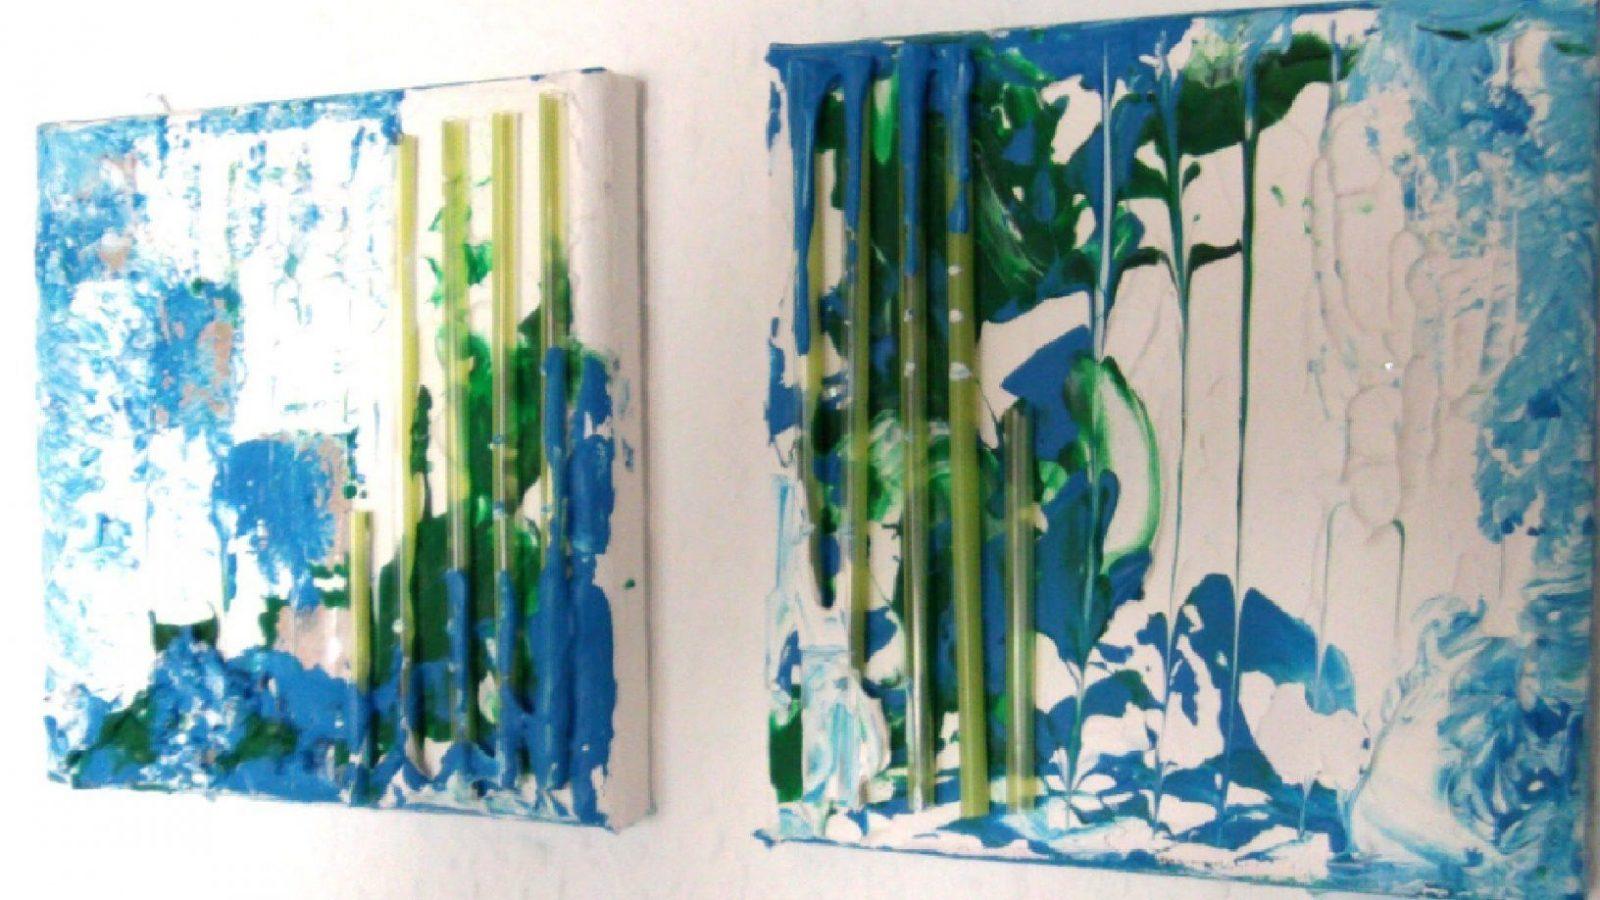 Abstrakt Malen Mit Acryl (Abstract Painting With Acrylic)[Hd]  Youtube von Acrylbilder Selber Malen Für Anfänger Bild